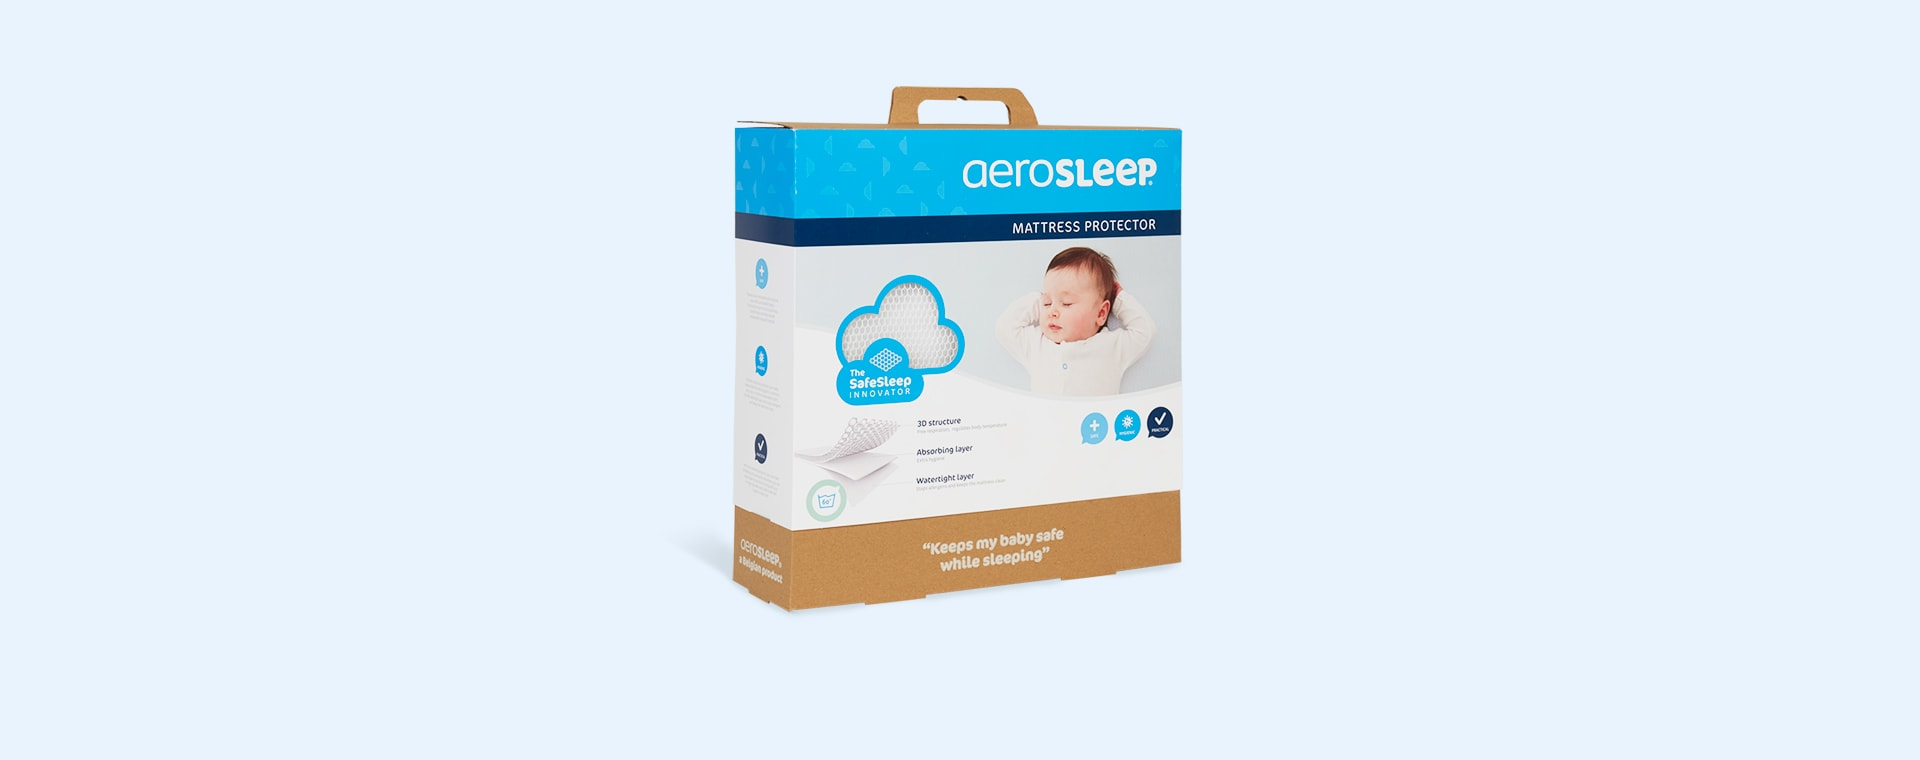 White Aerosleep Sleep Safe Mattress Protector